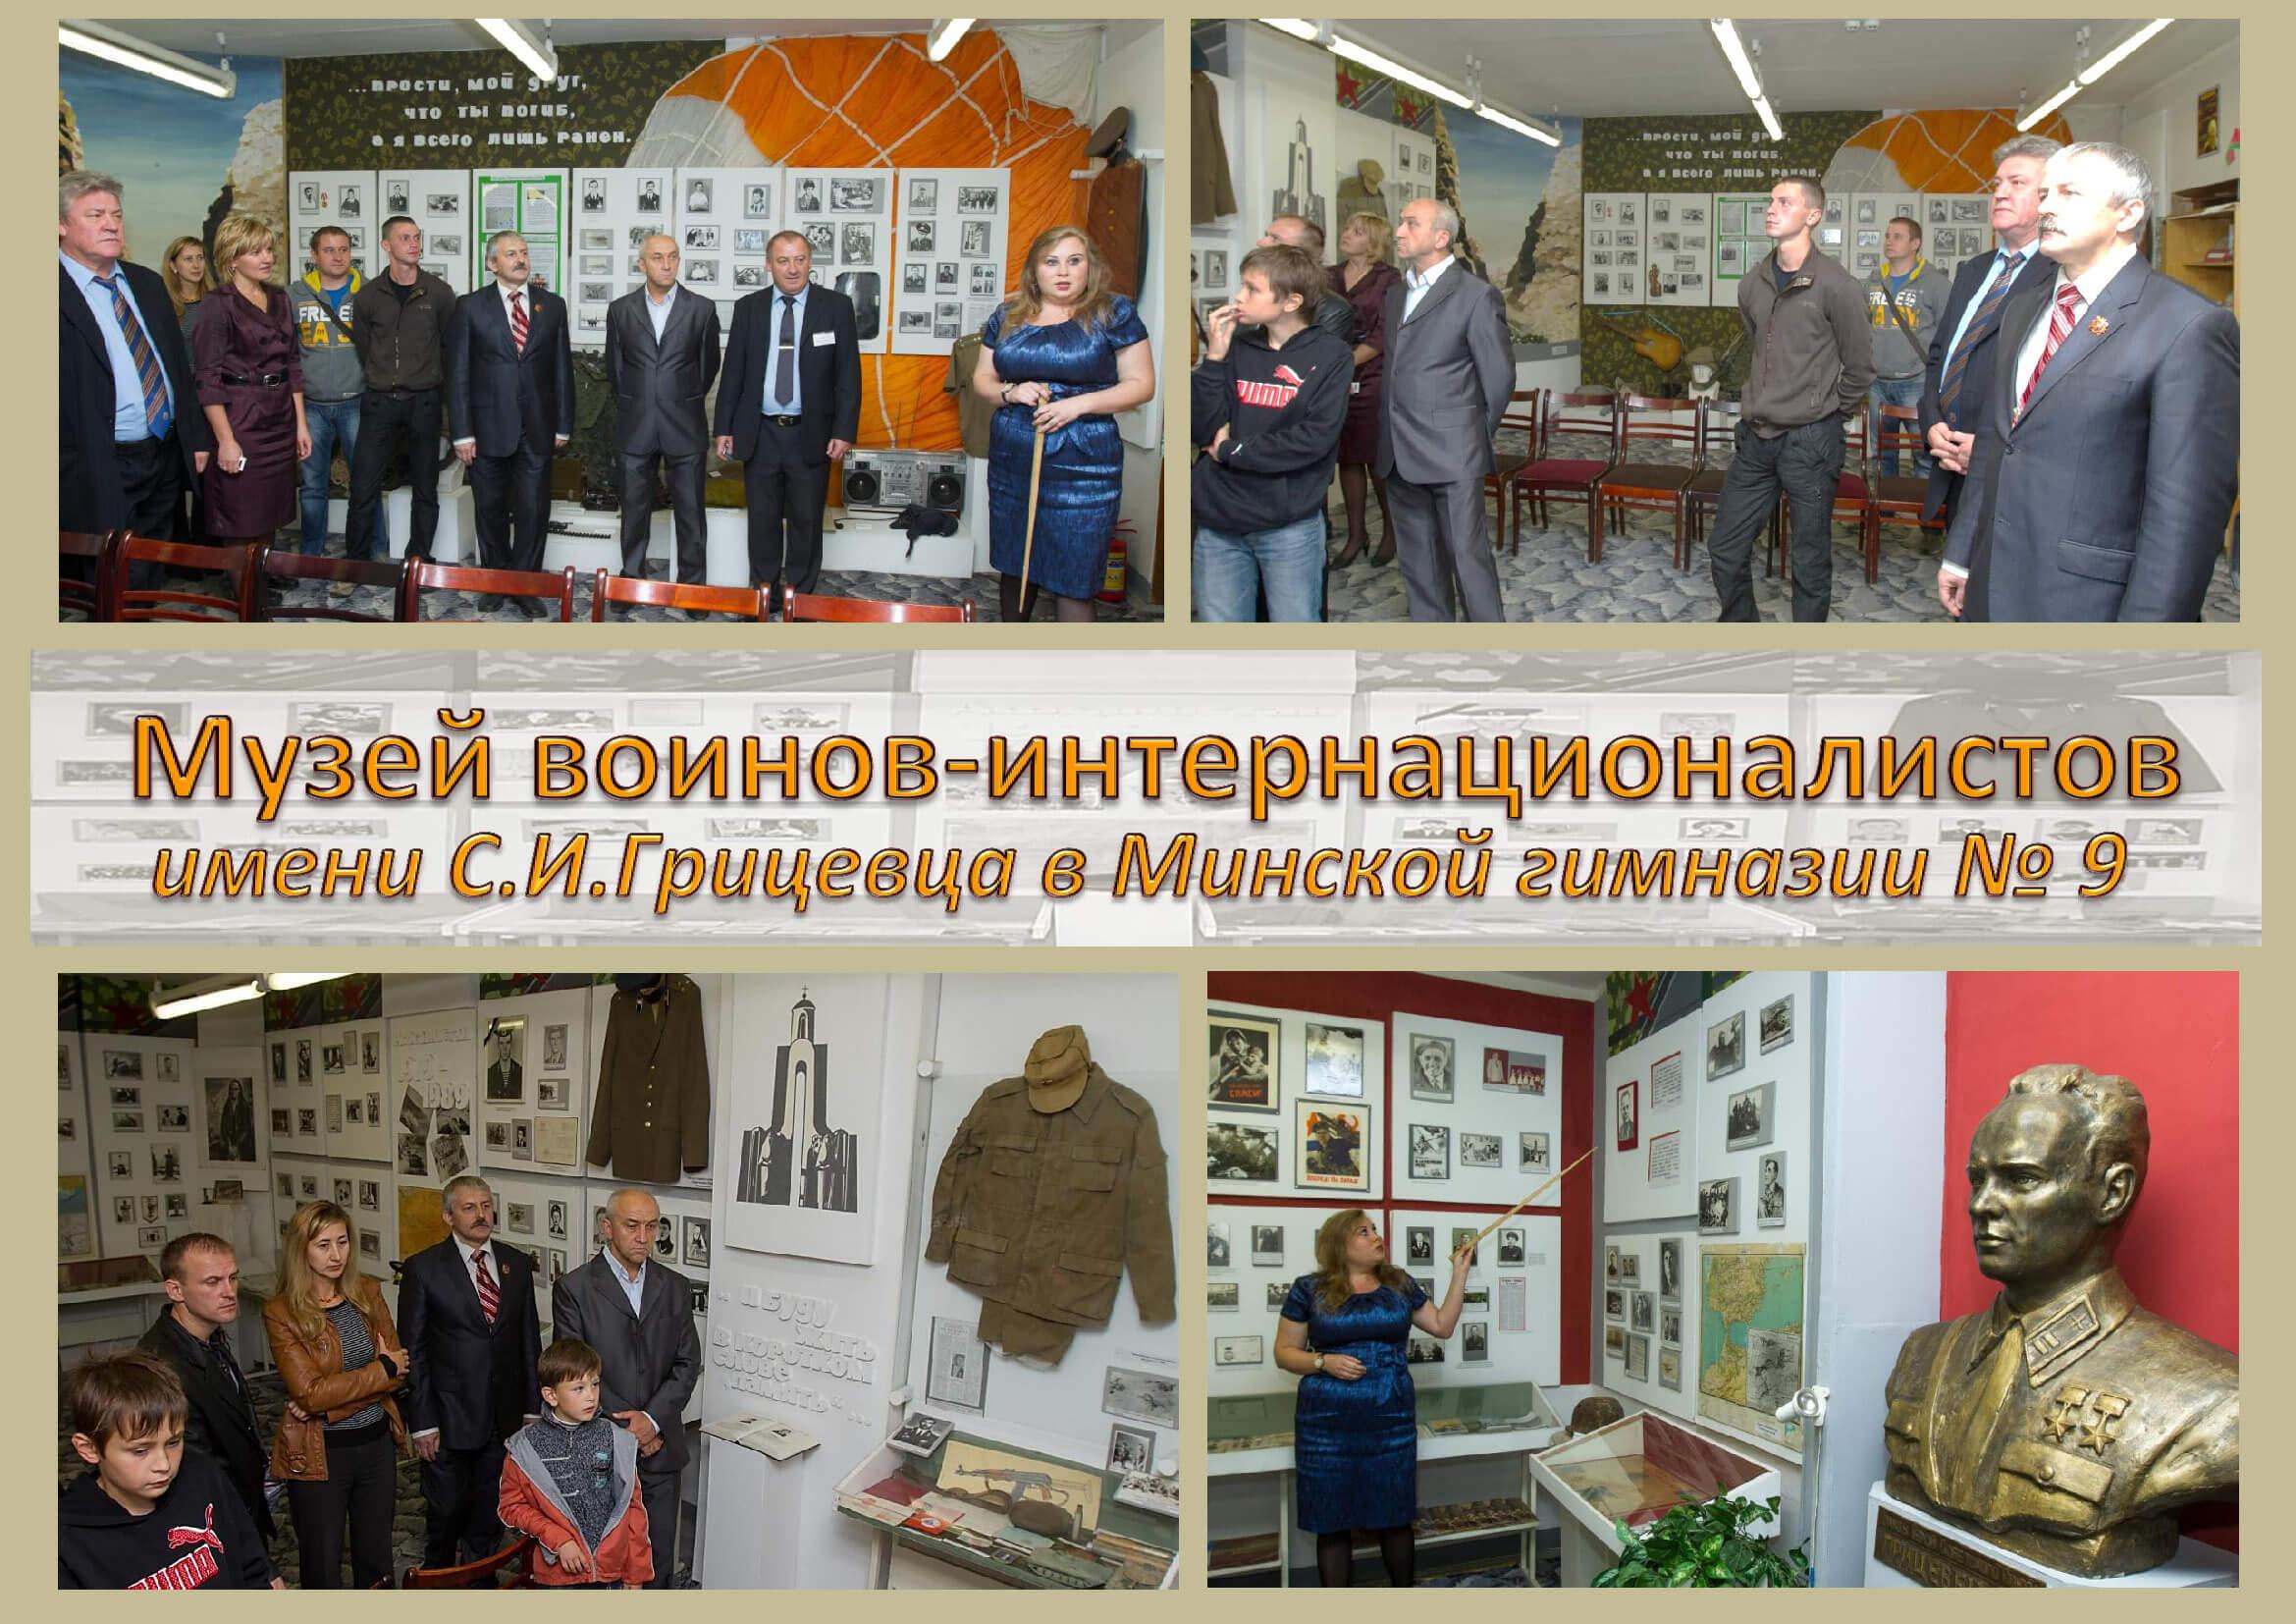 Музей С.Грицевца Коллаж